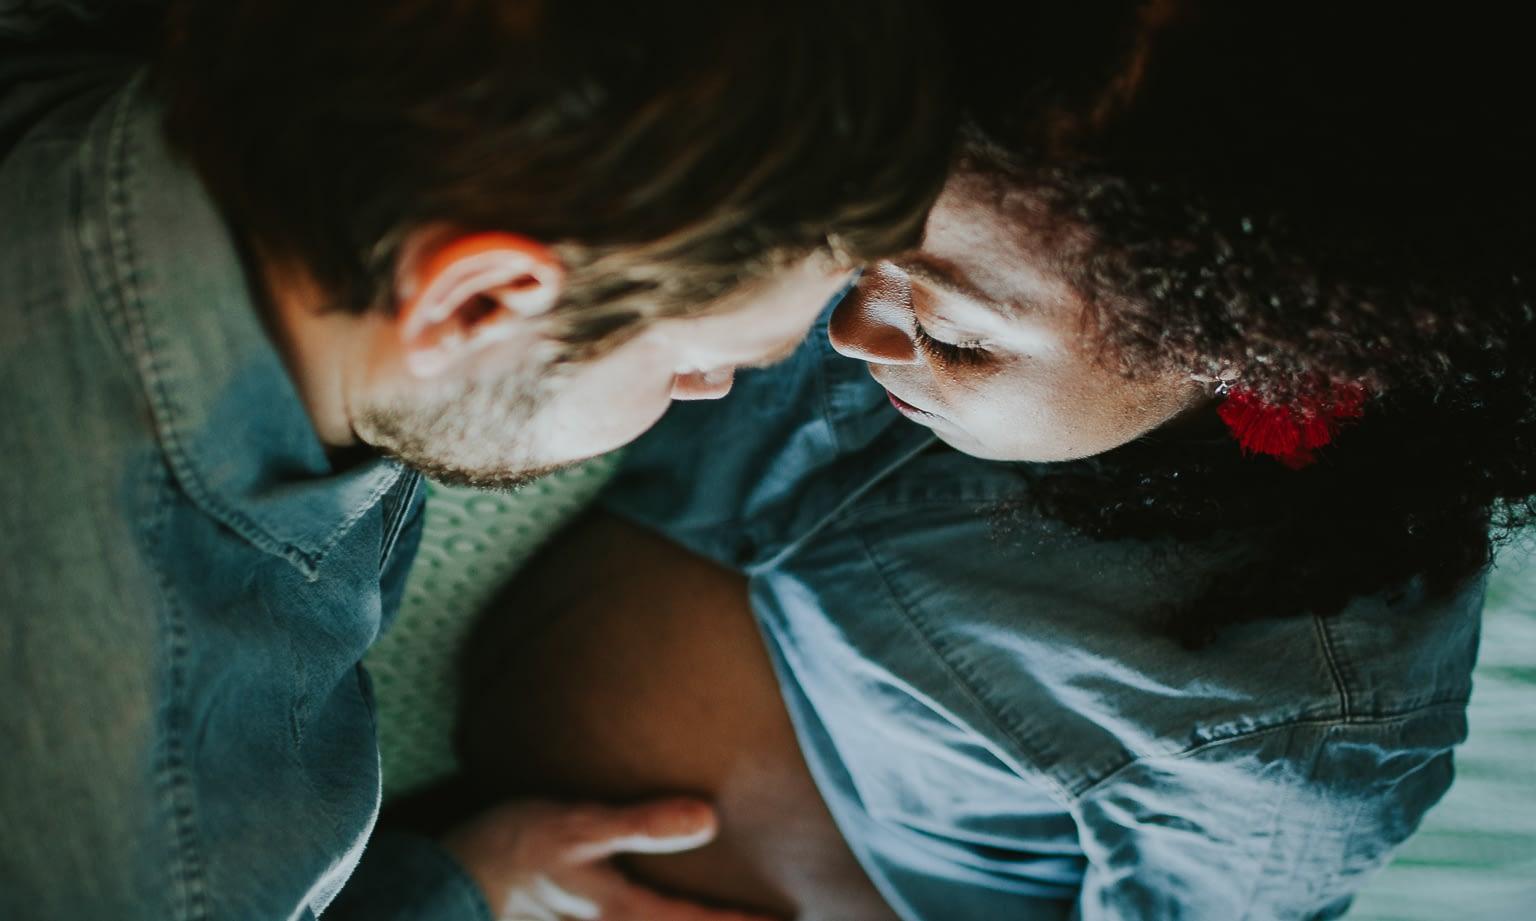 séance photo grossesse maternité à domicile lifestyle rennes couple multiracial 13